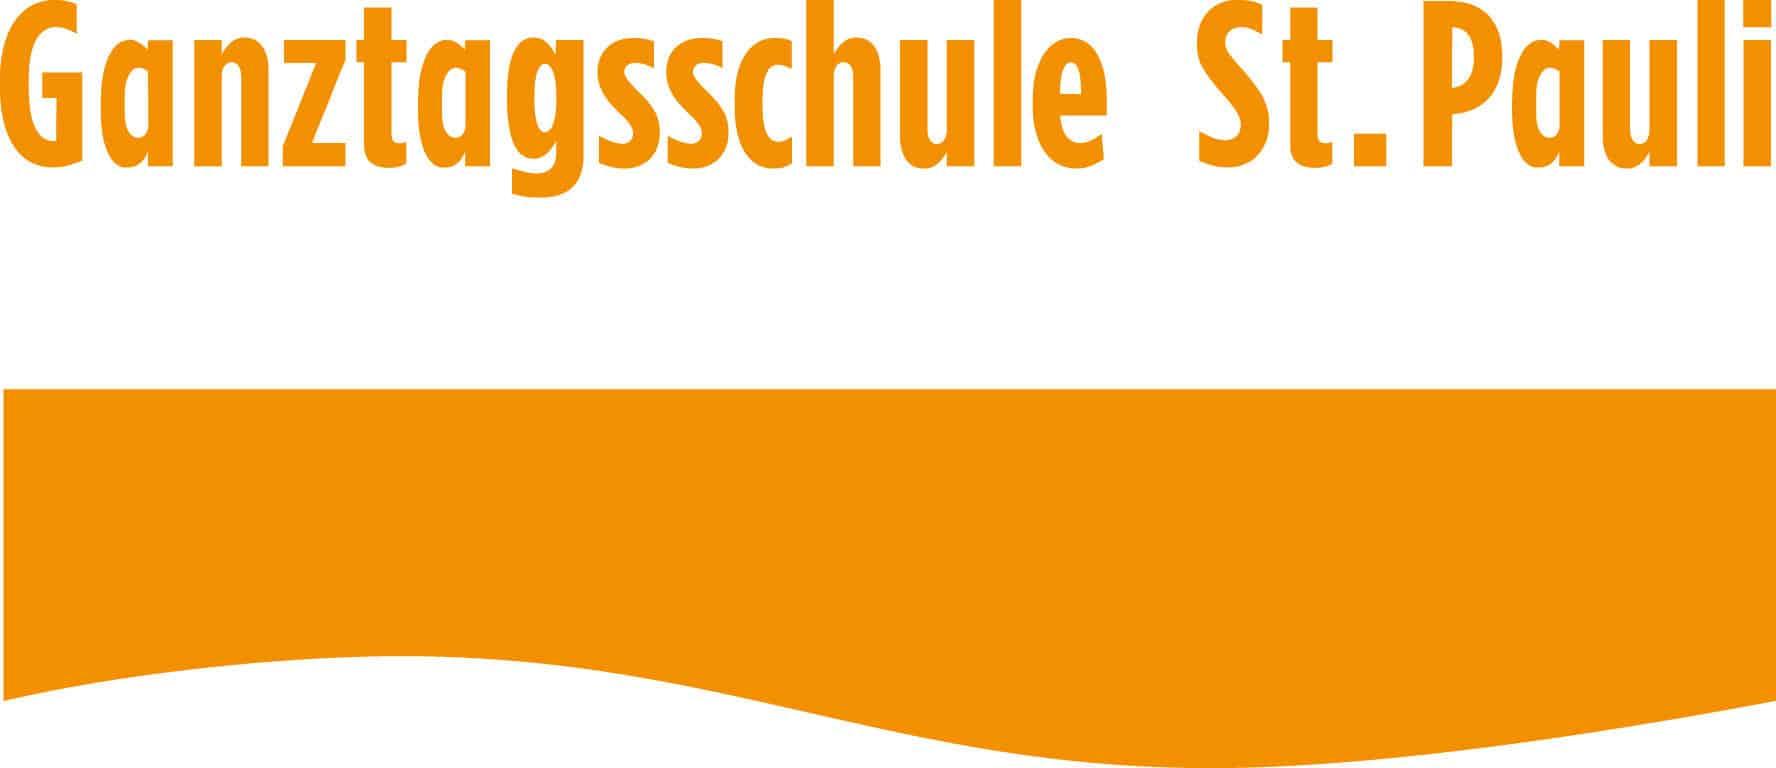 Logo Ganztagsschule St. Pauli Partner Esche Jugendkunsthaus 2018